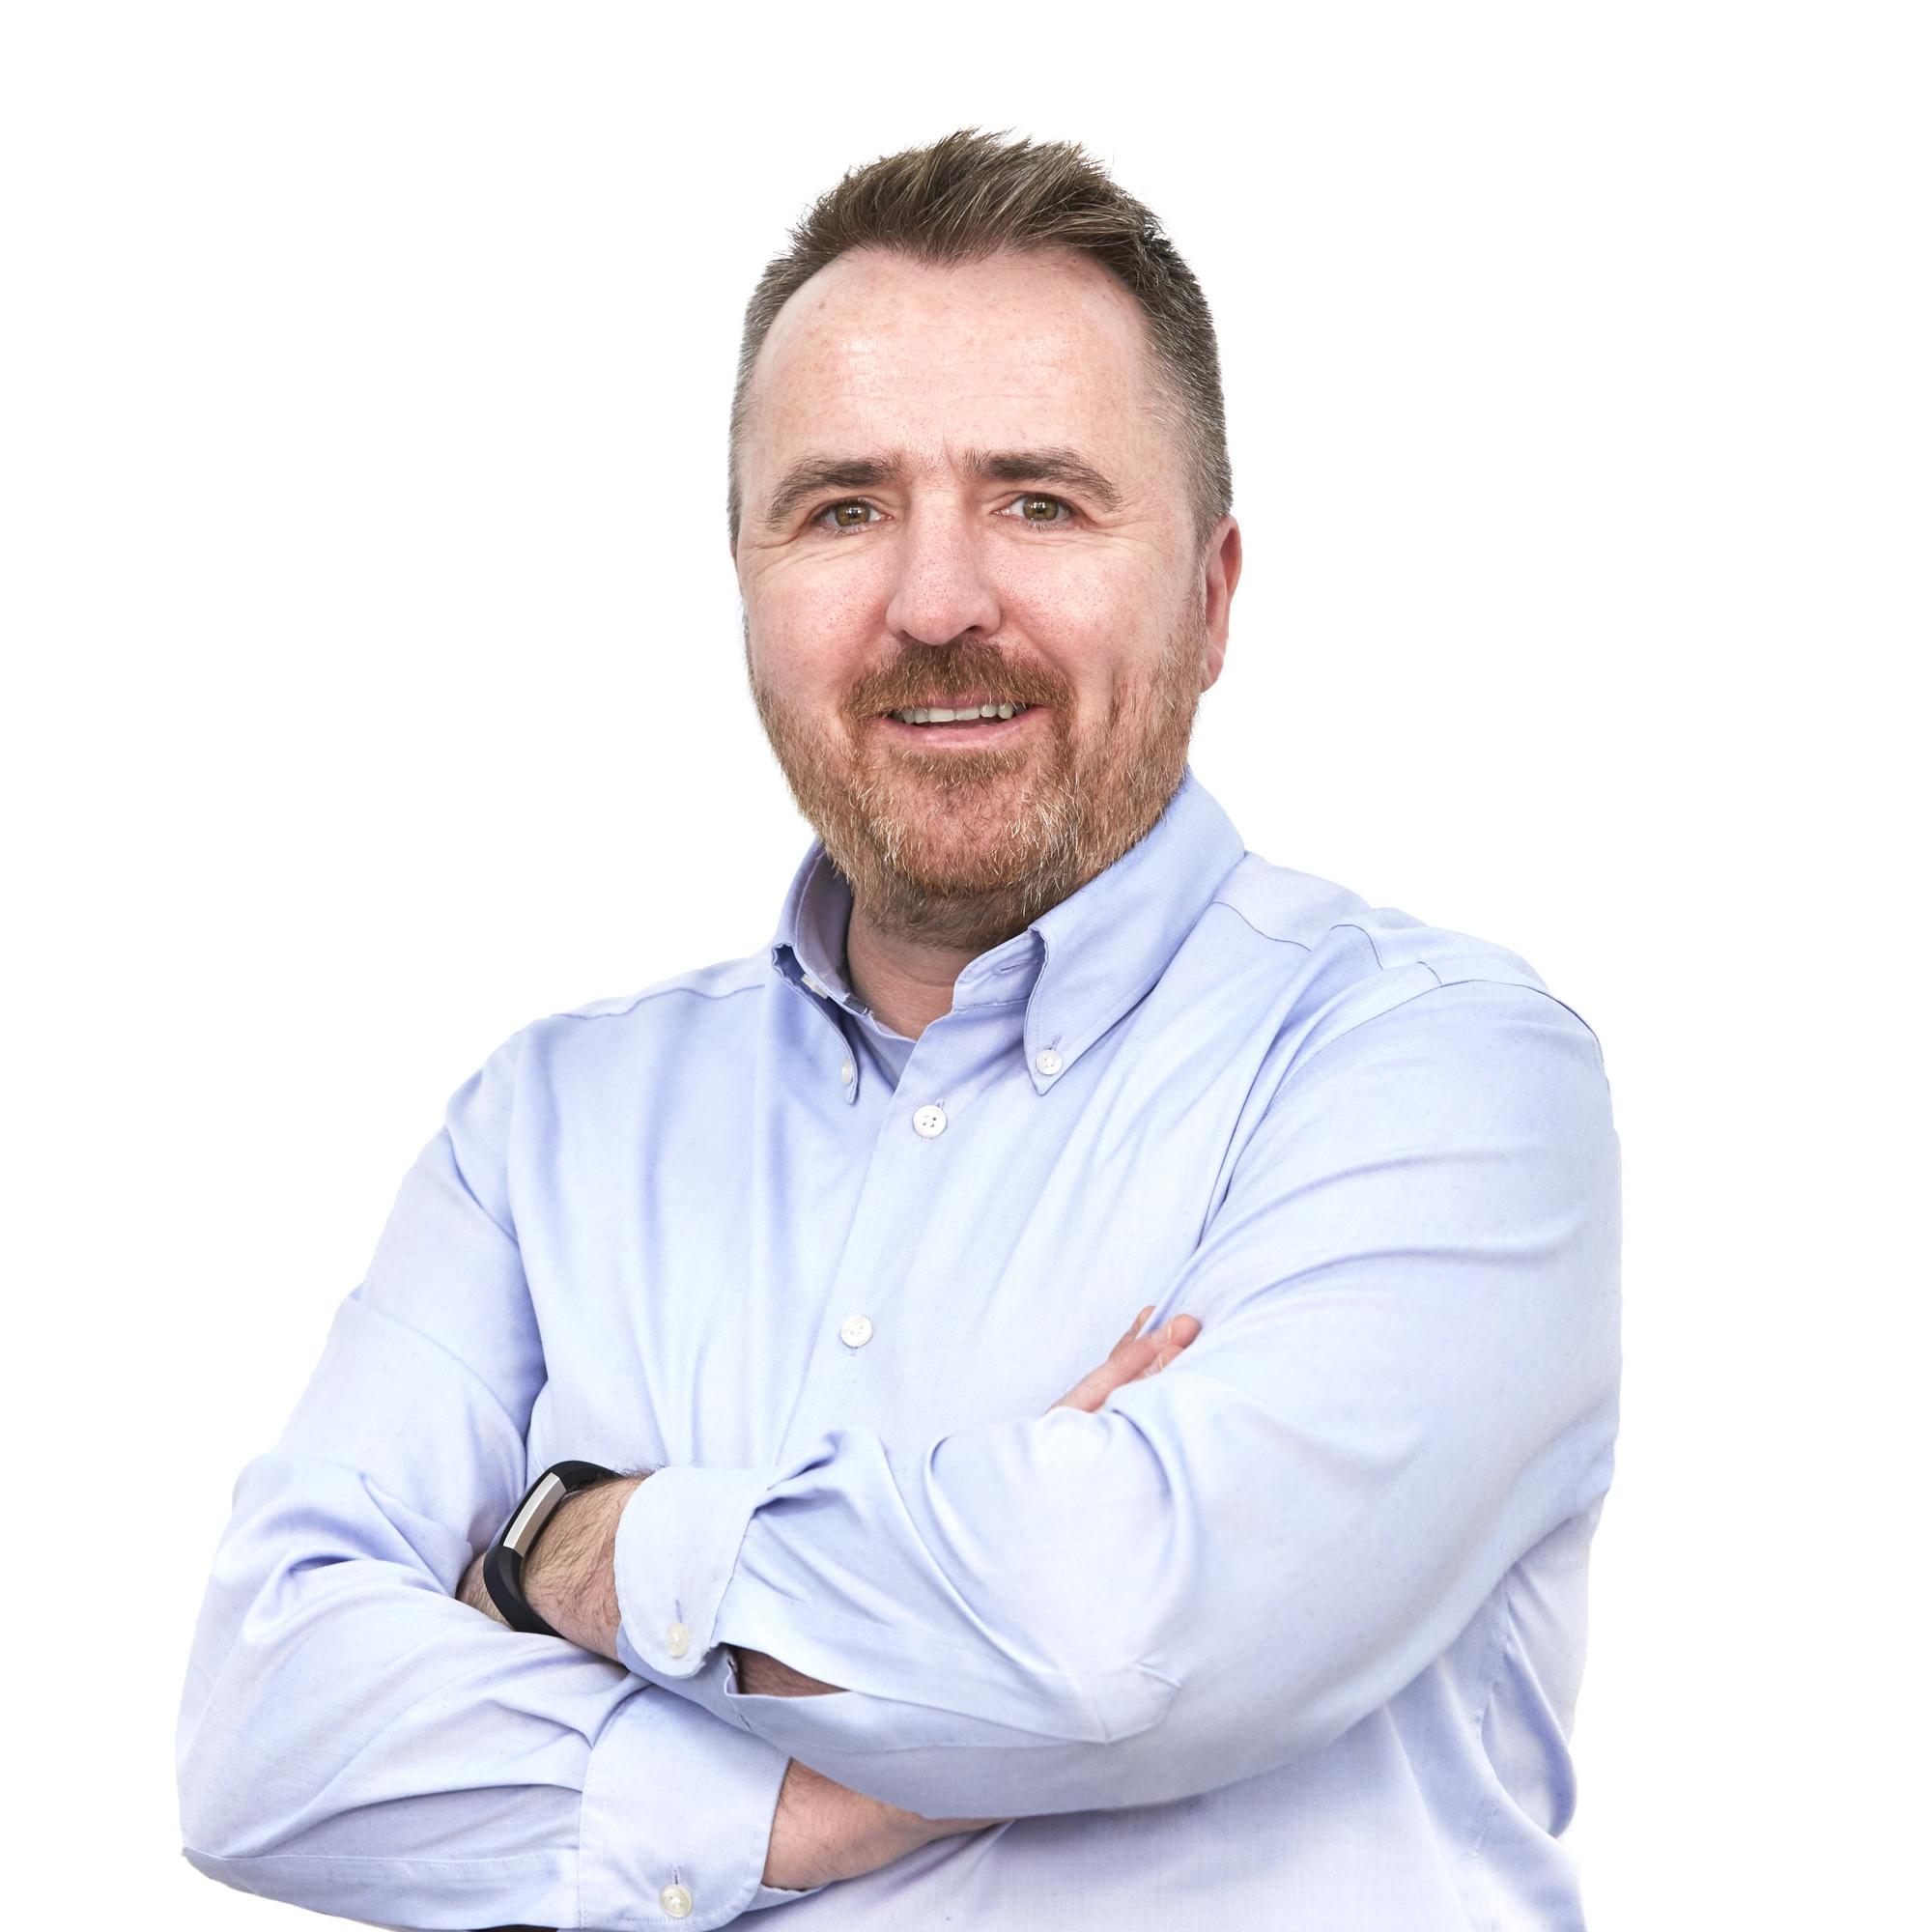 Jon Watts